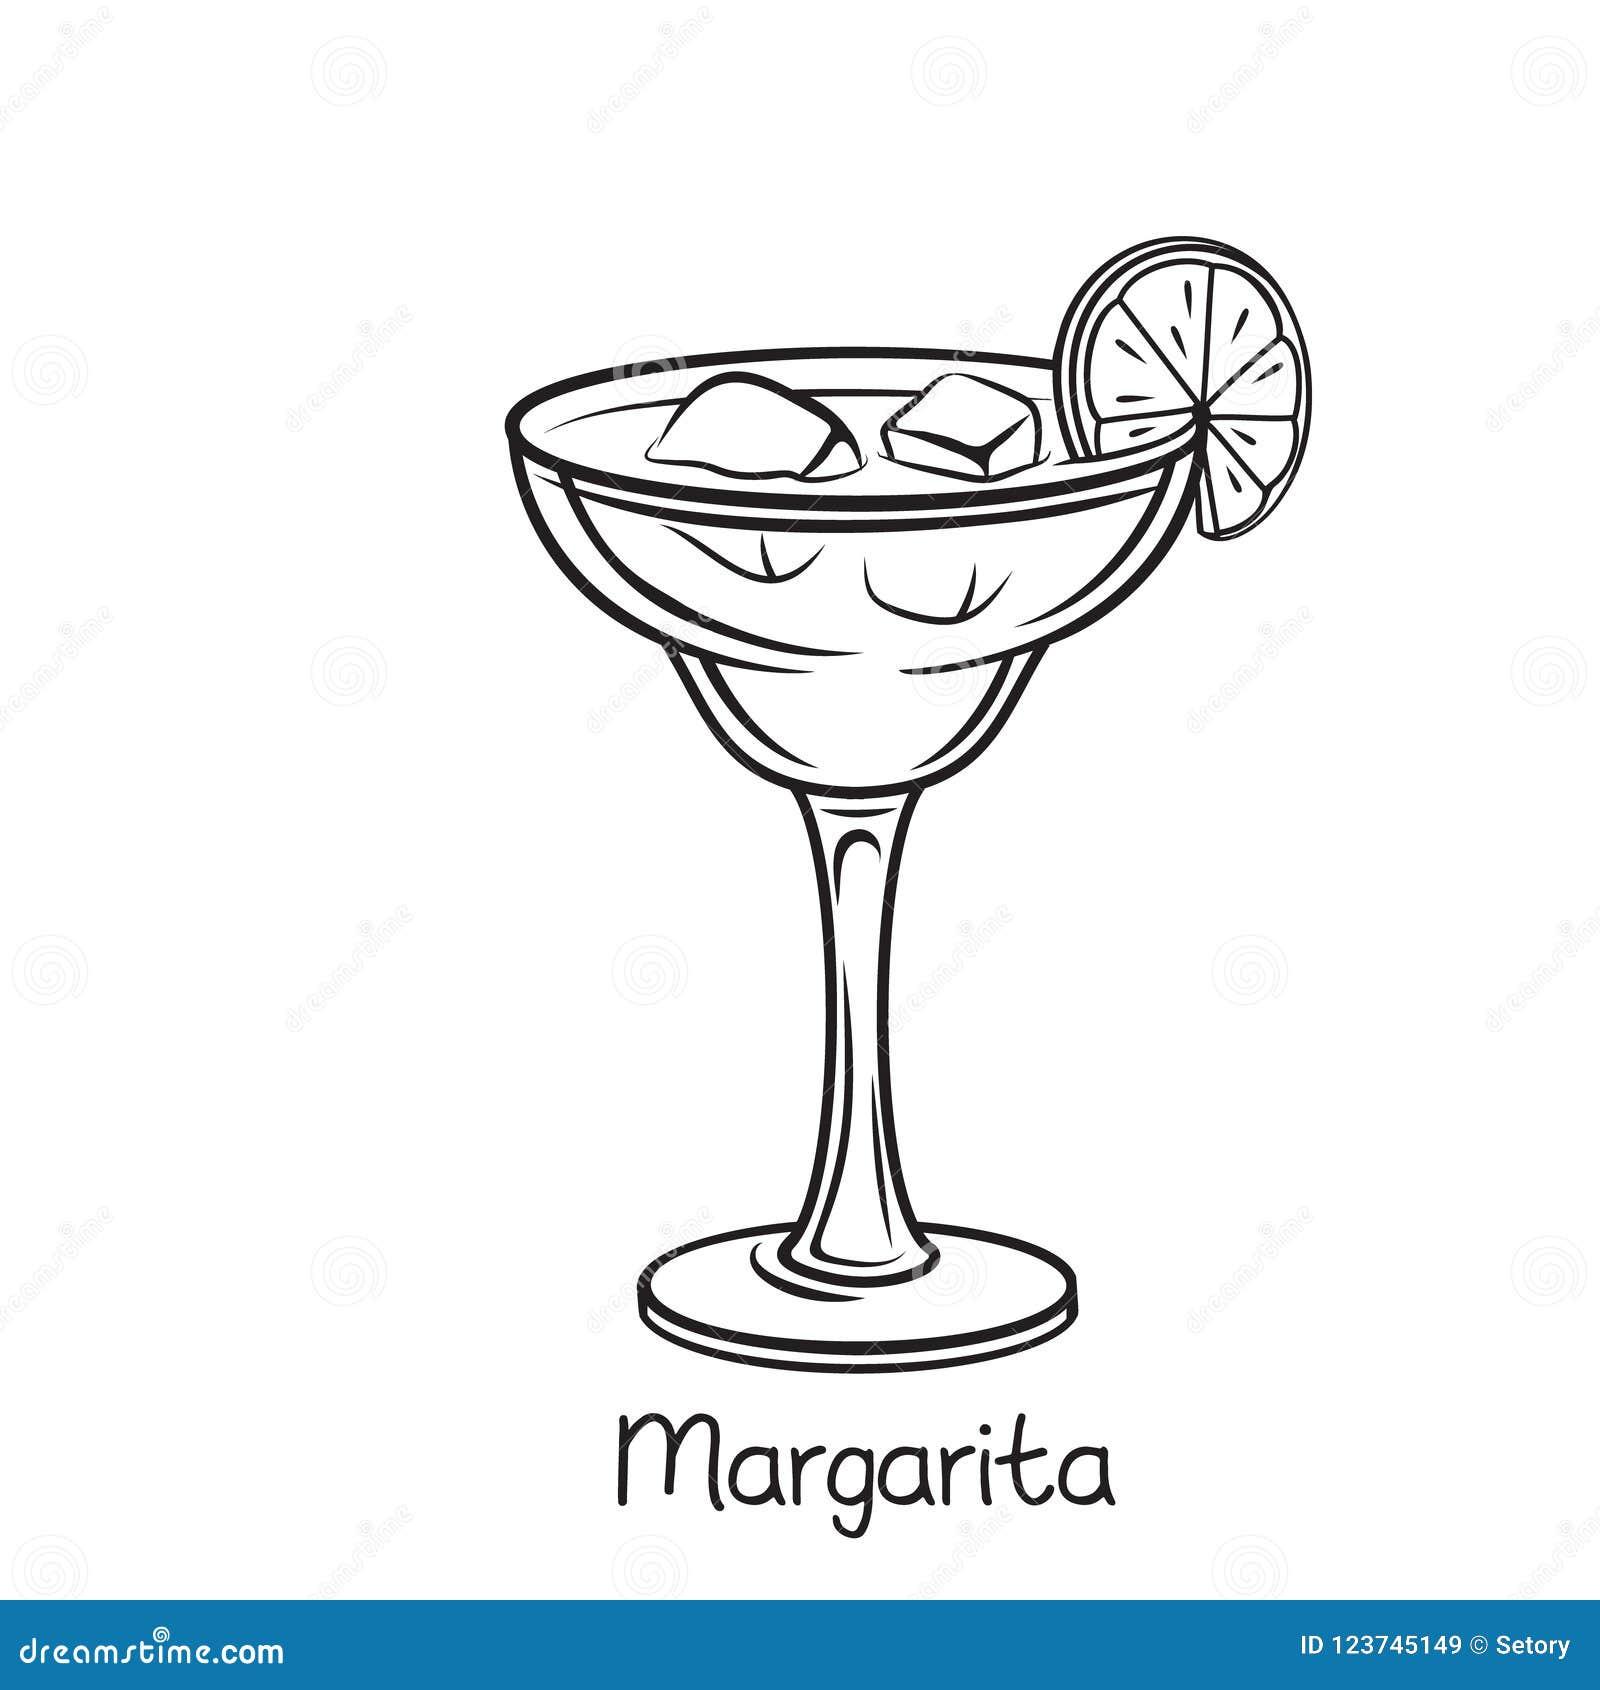 Glass of Margarita